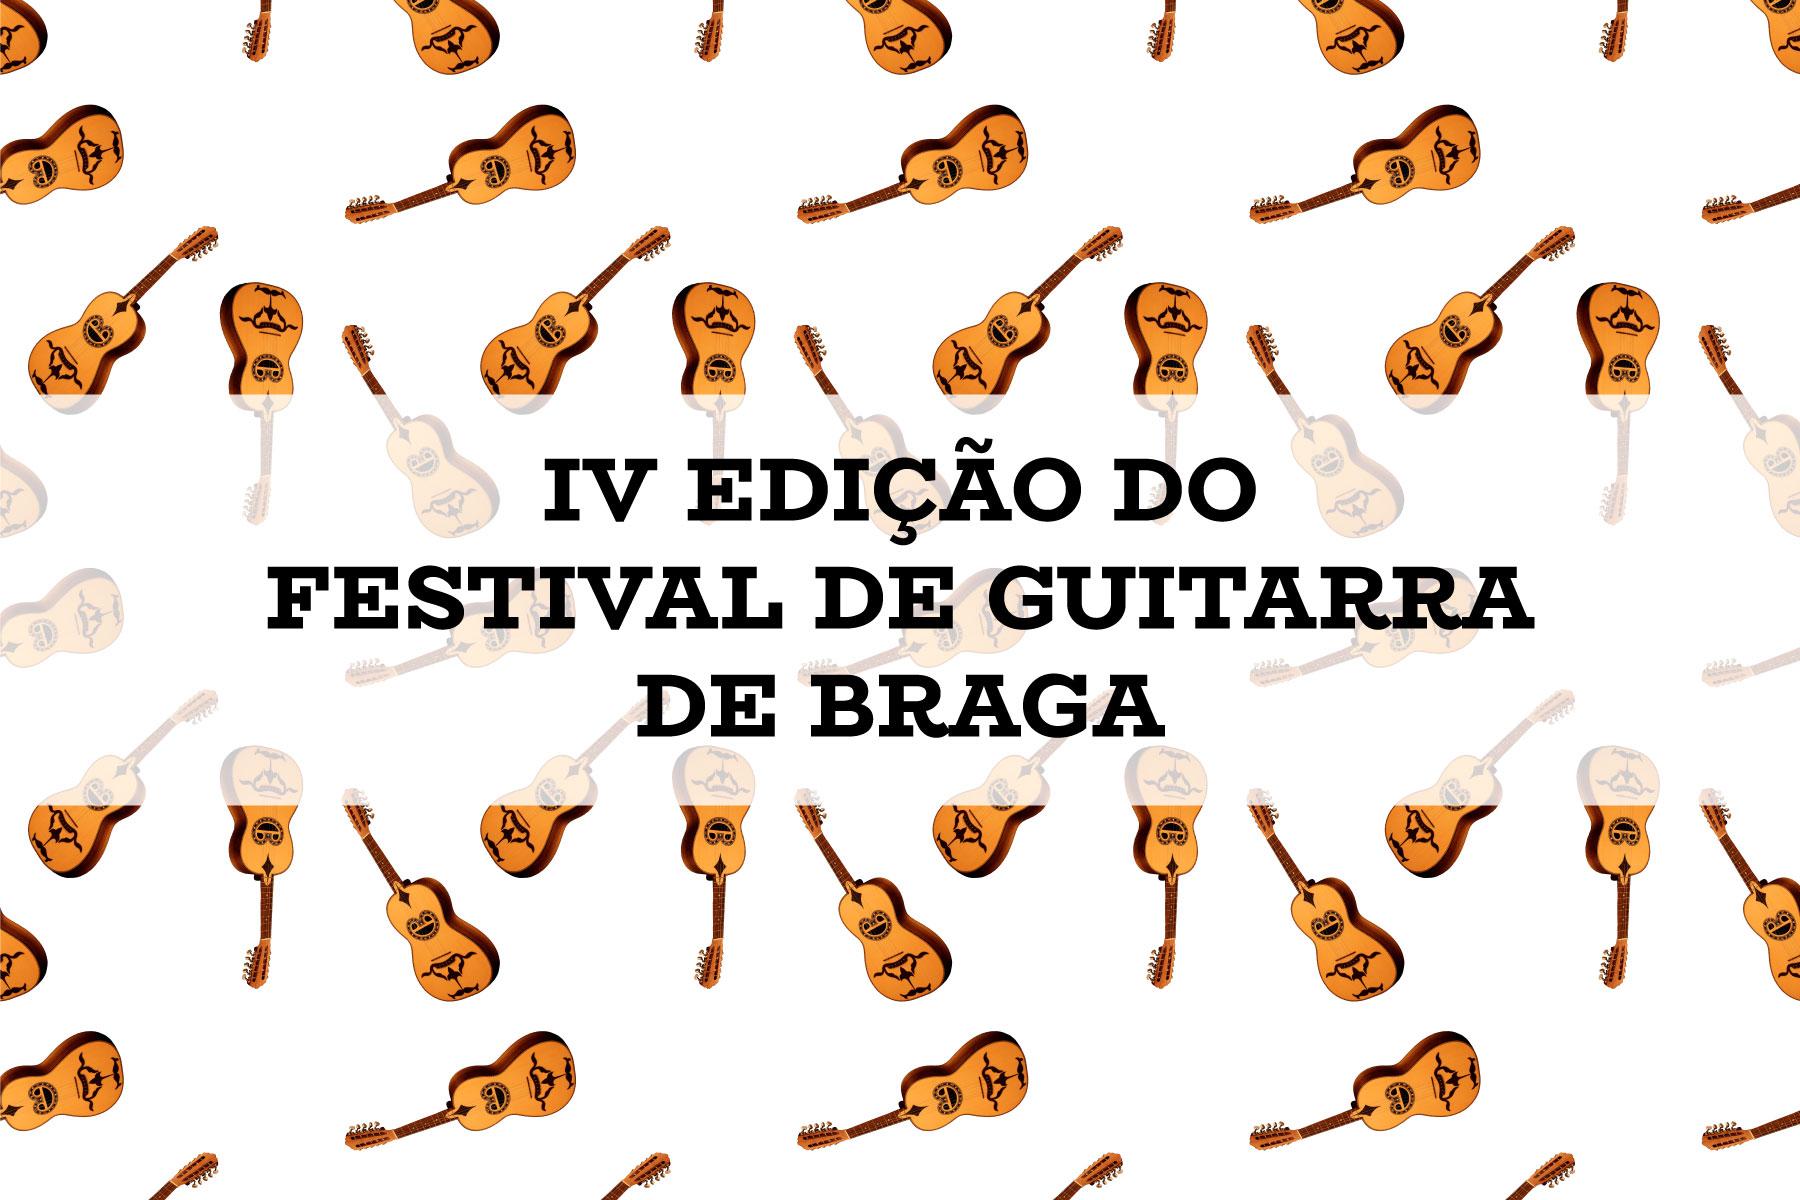 IV EDICAO DO FESTIVAL DE GUITARRA DEBRAGA